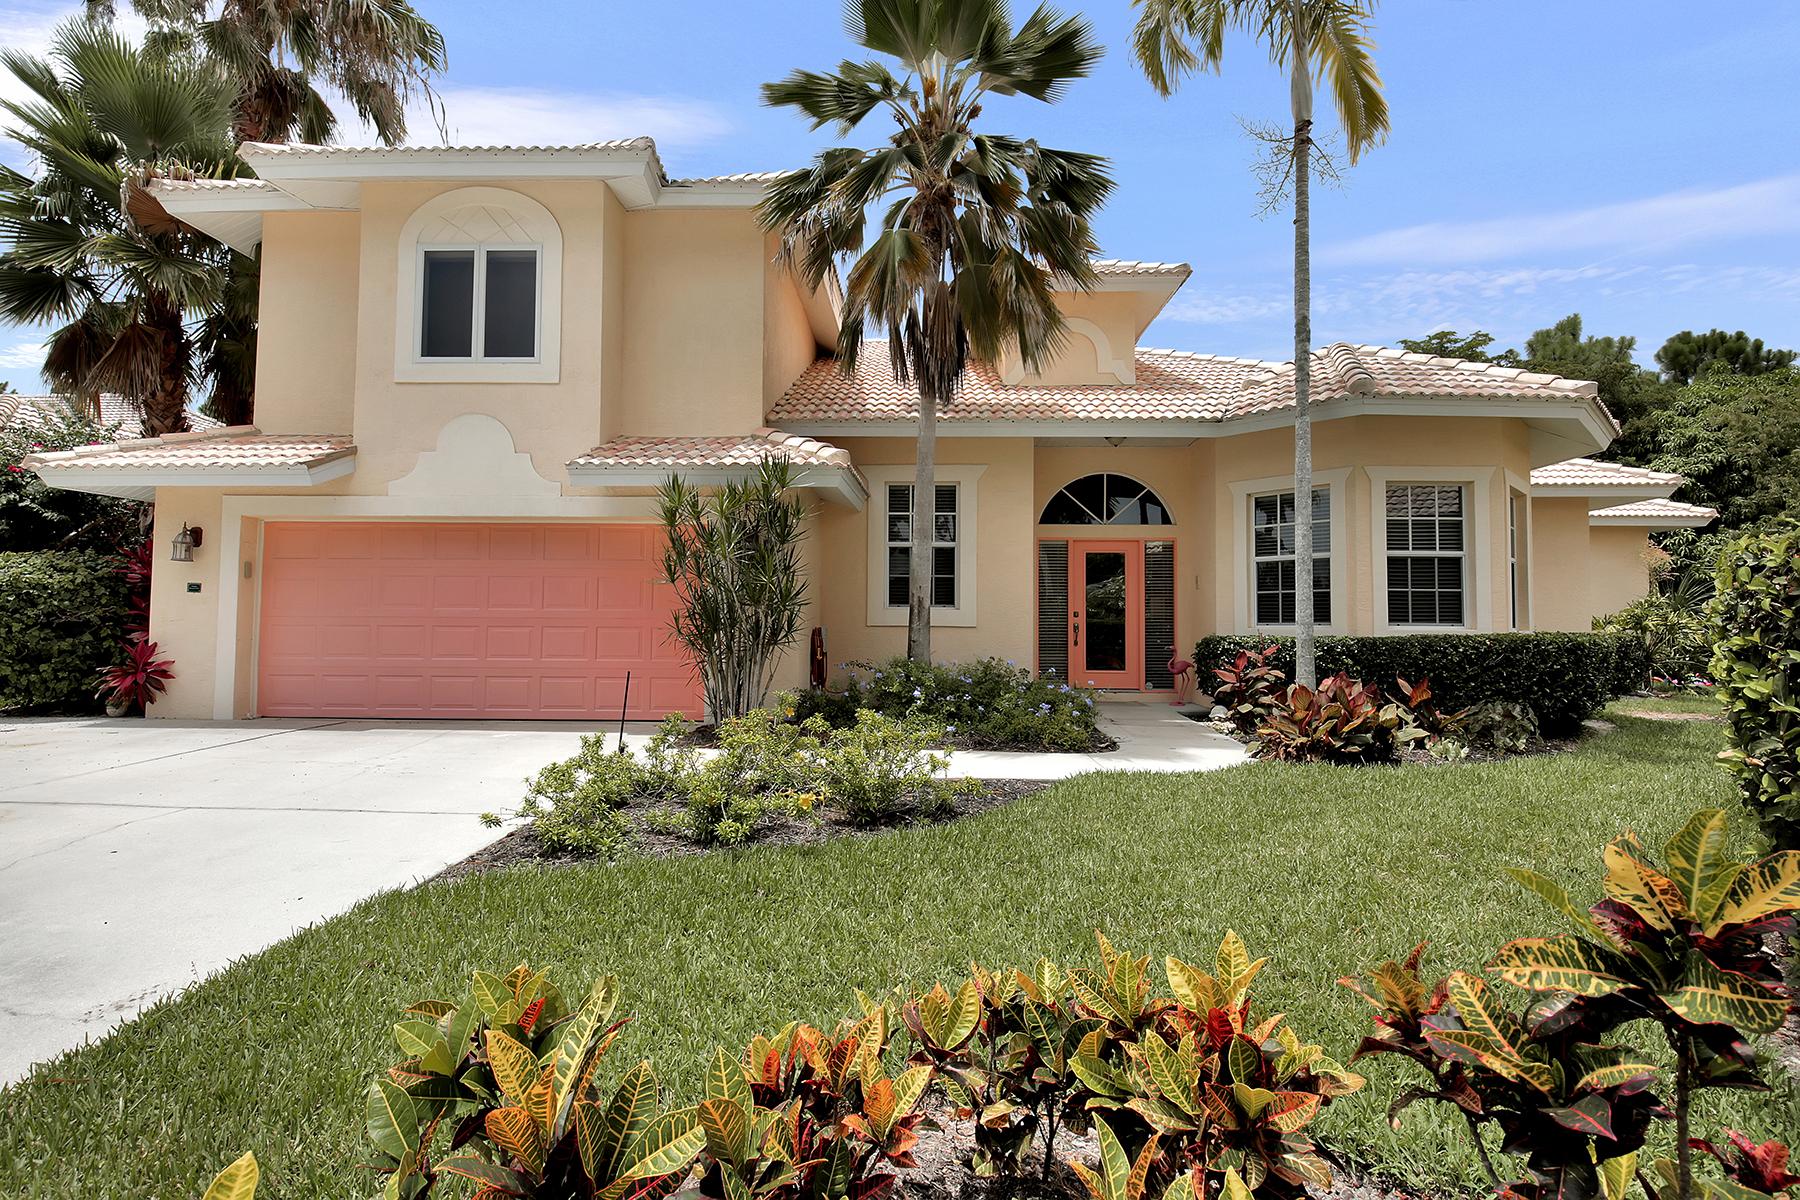 Maison unifamiliale pour l Vente à CASA DEL VIDA 657 Soliel Dr Naples, Florida 34110 États-Unis